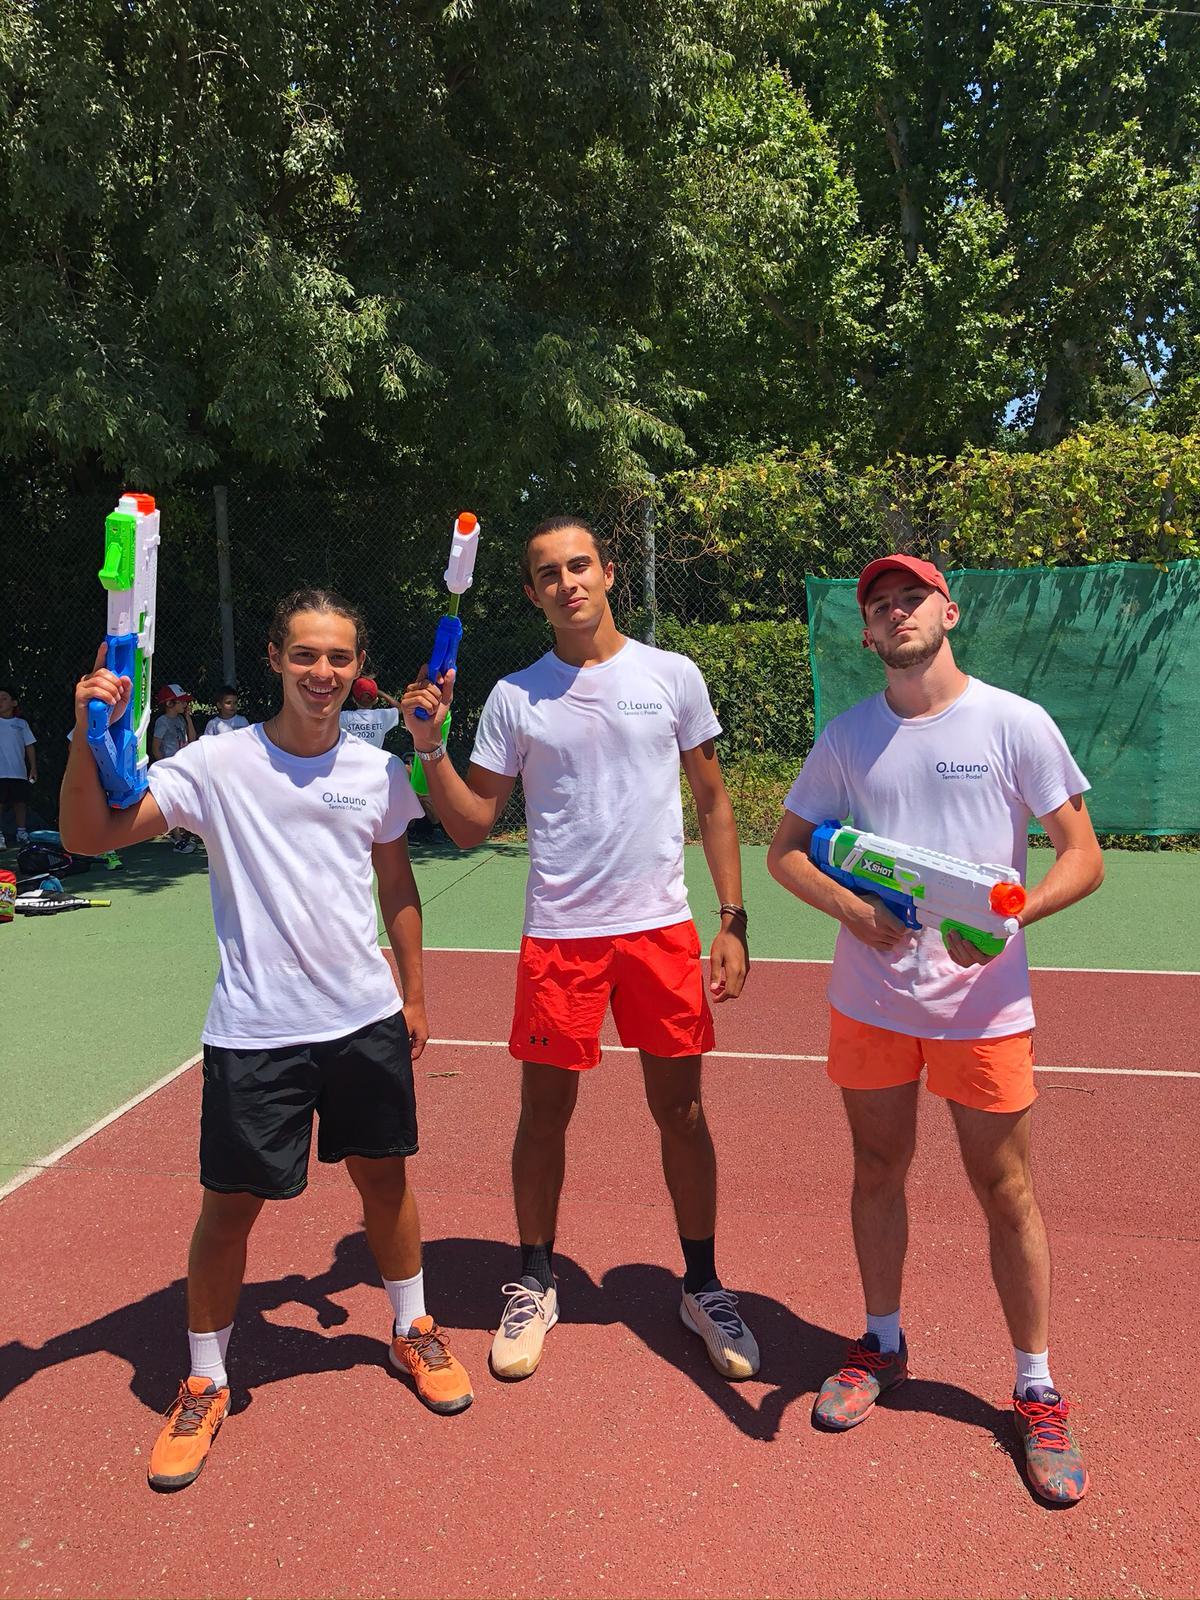 ecole de tennis du park - les accates - olivier launo 14